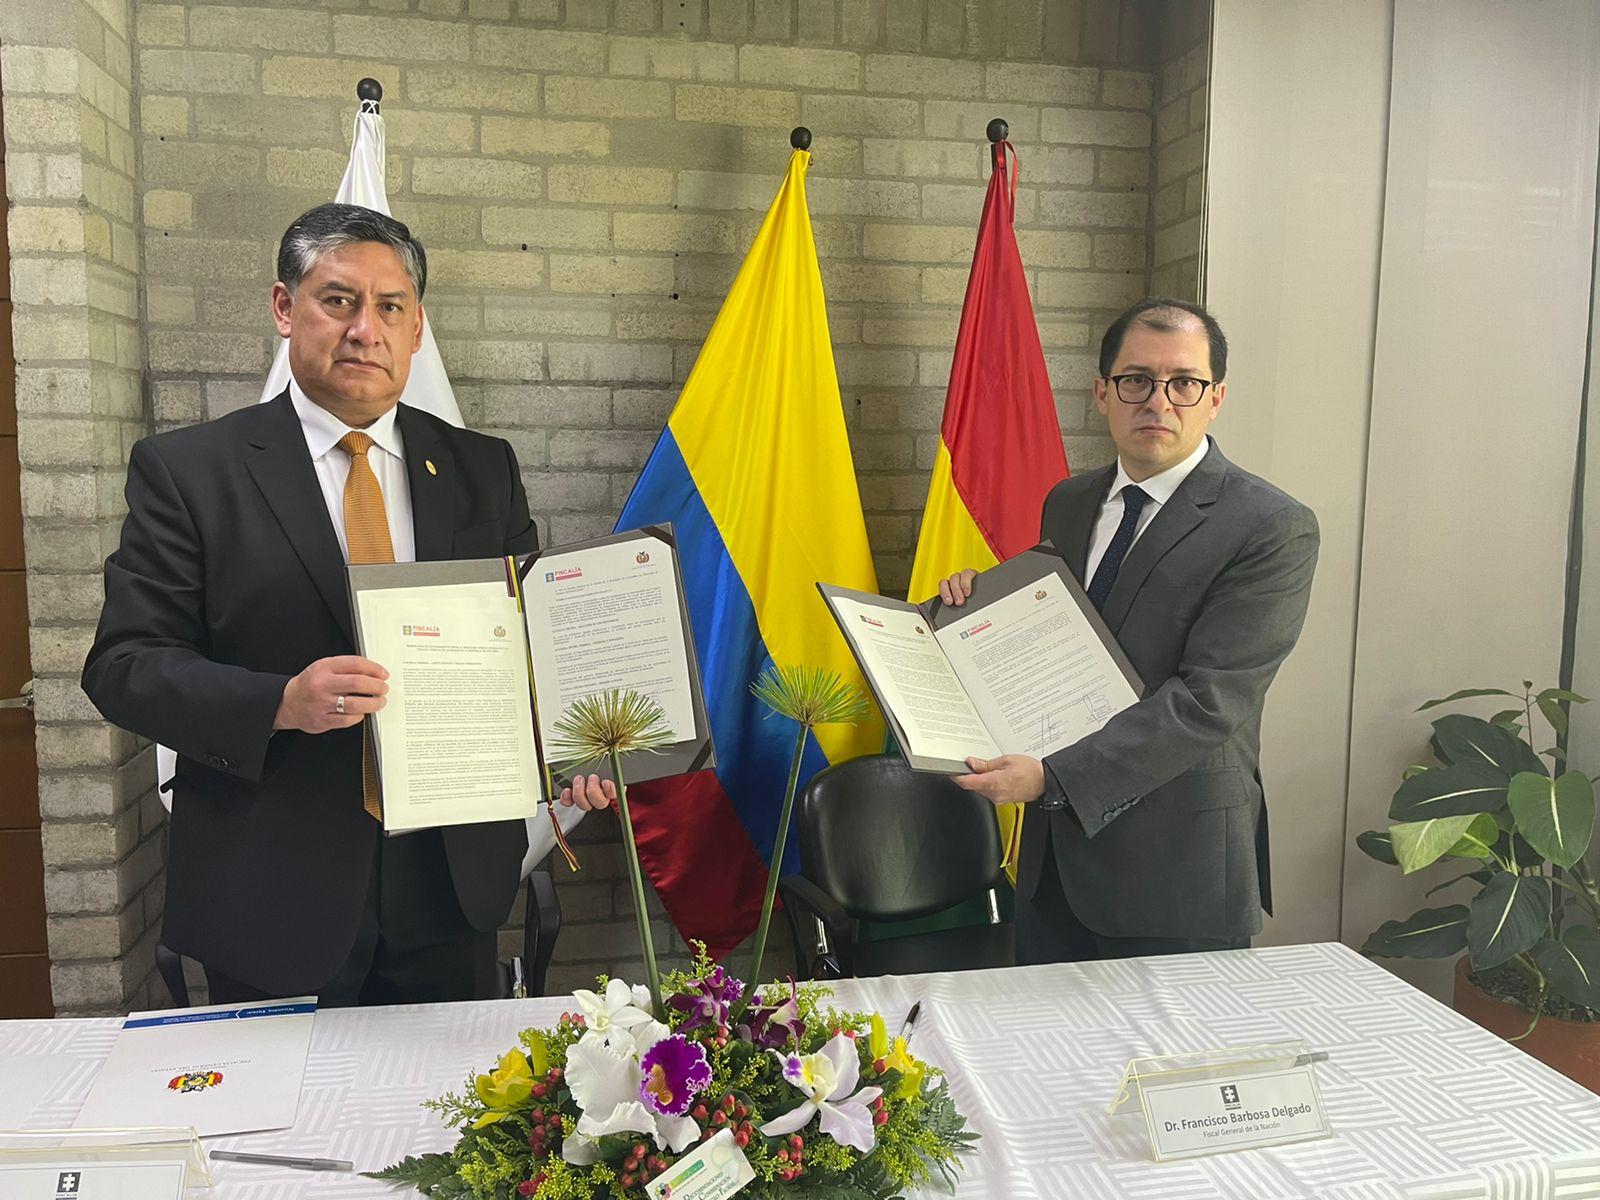 Fiscalía General de la Nación de Colombia y Ministerio Público de Bolivia suscribieron memorando de entendimiento para luchar contra la criminalidad - Noticias de Colombia